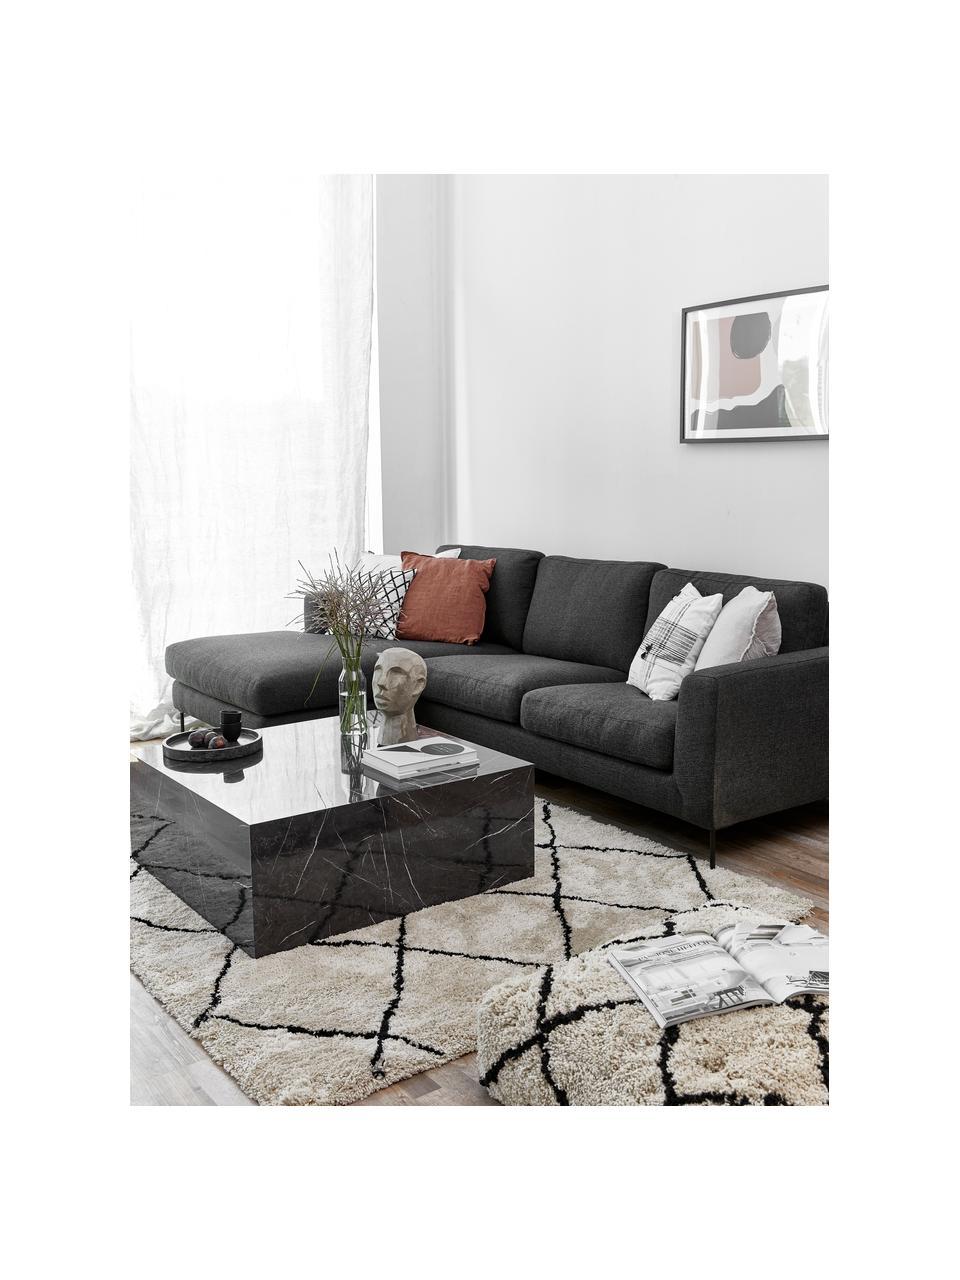 Ecksofa Cucita (3-Sitzer) in Anthrazit mit Metall-Füßen, Bezug: Webstoff (Polyester) Der , Gestell: Massives Kiefernholz, Füße: Metall, lackiert, Webstoff Anthrazit, B 262 x T 163 cm